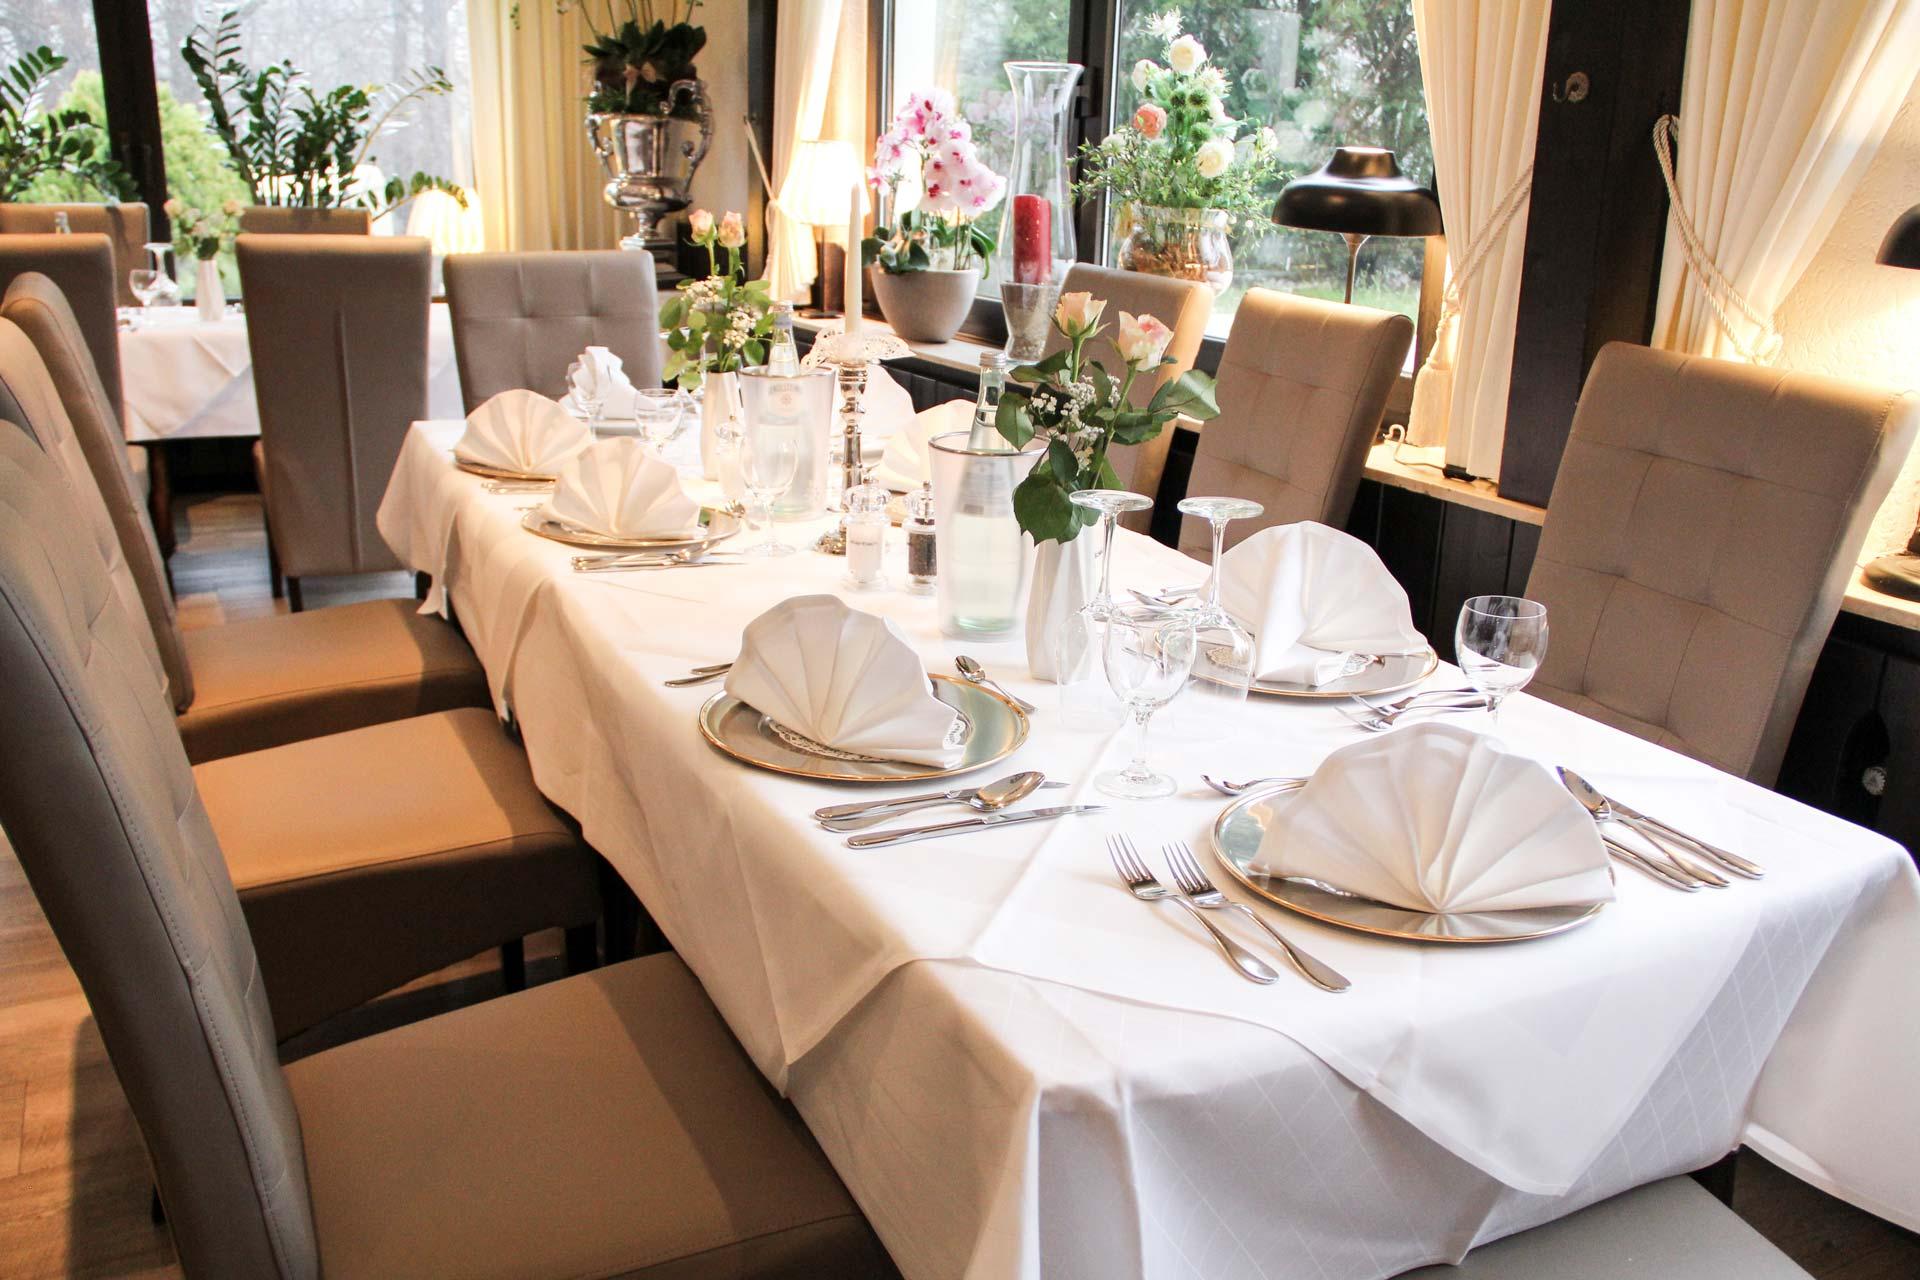 Restaurant Forsthaus_Slider-2